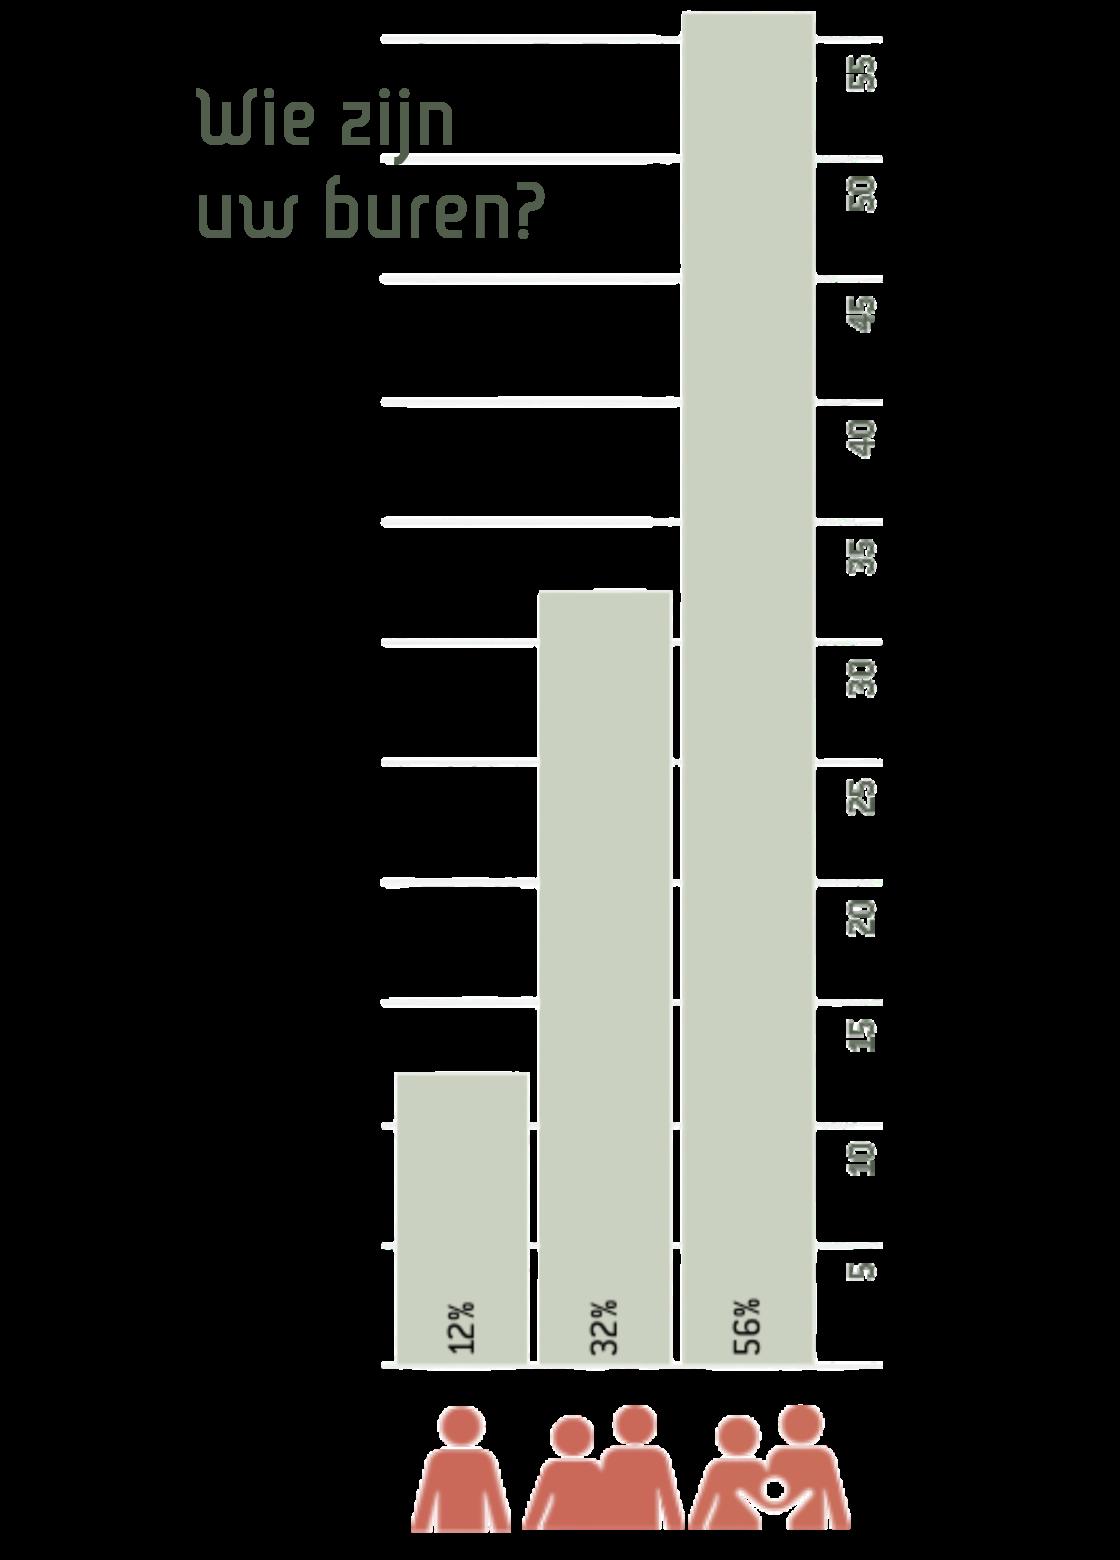 Infographic buren